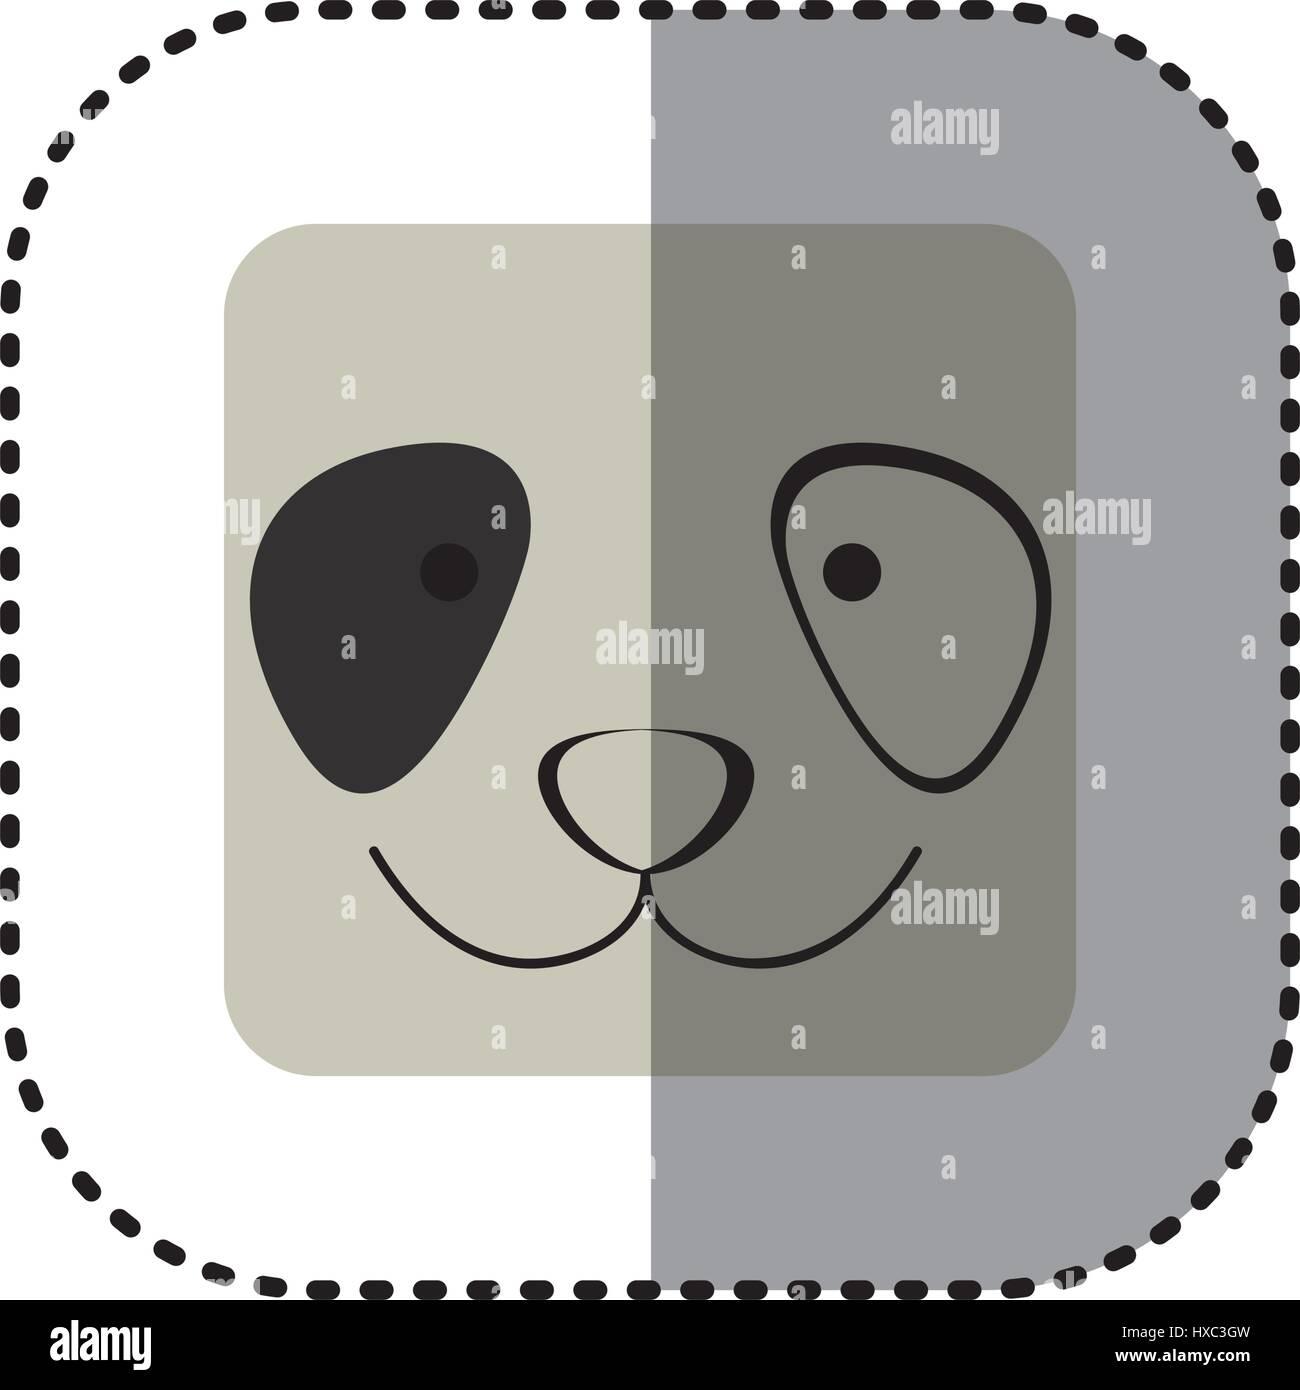 Black Square Frame Stockfotos & Black Square Frame Bilder - Alamy